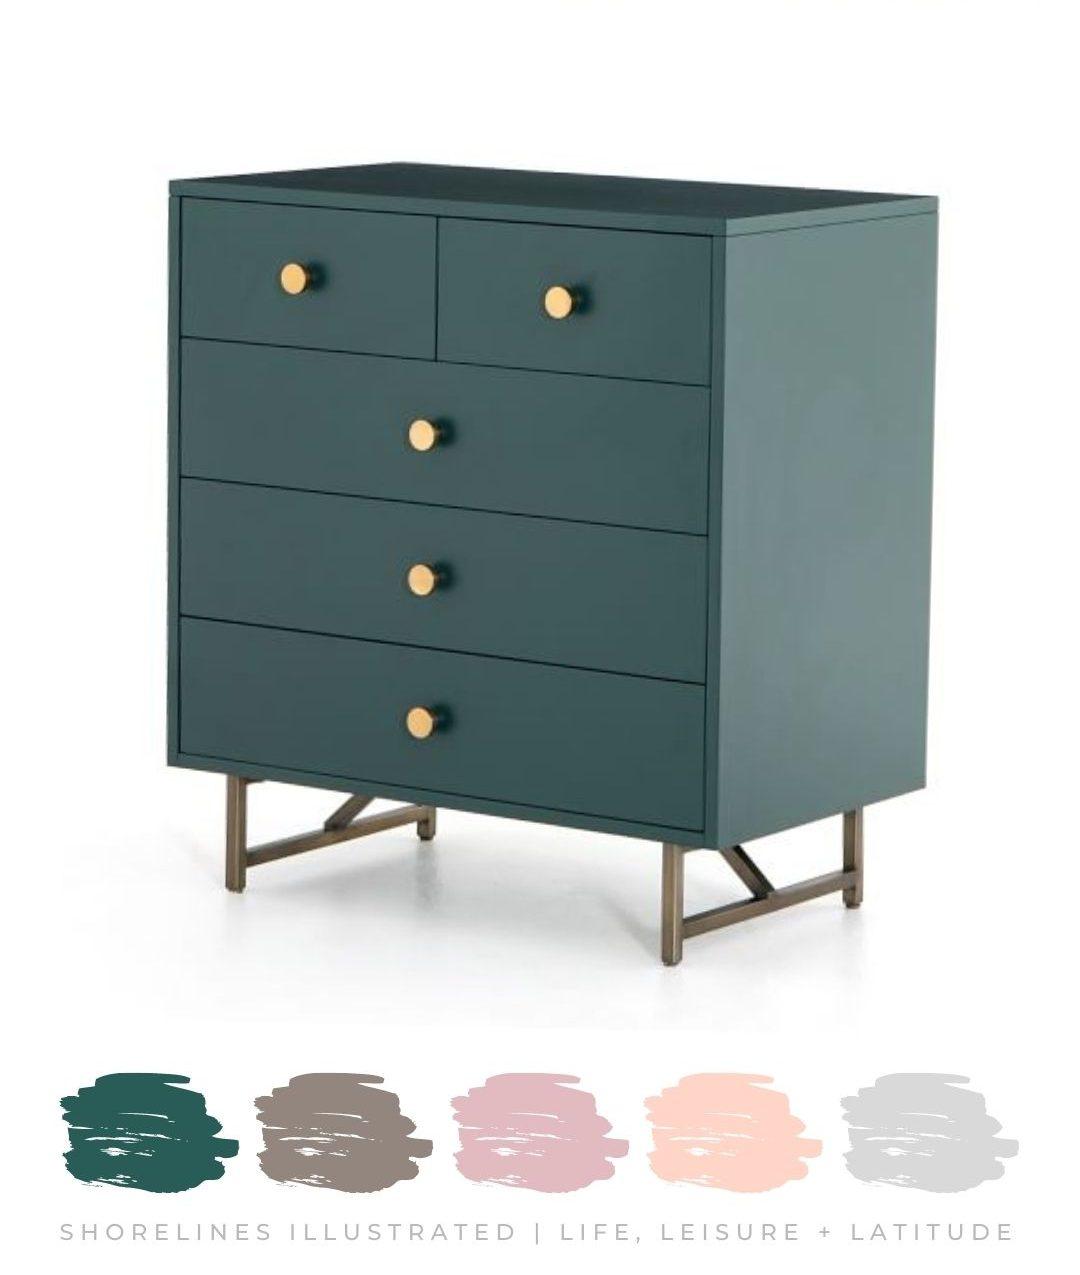 West Elm Dresser $1050 | WestElm.com